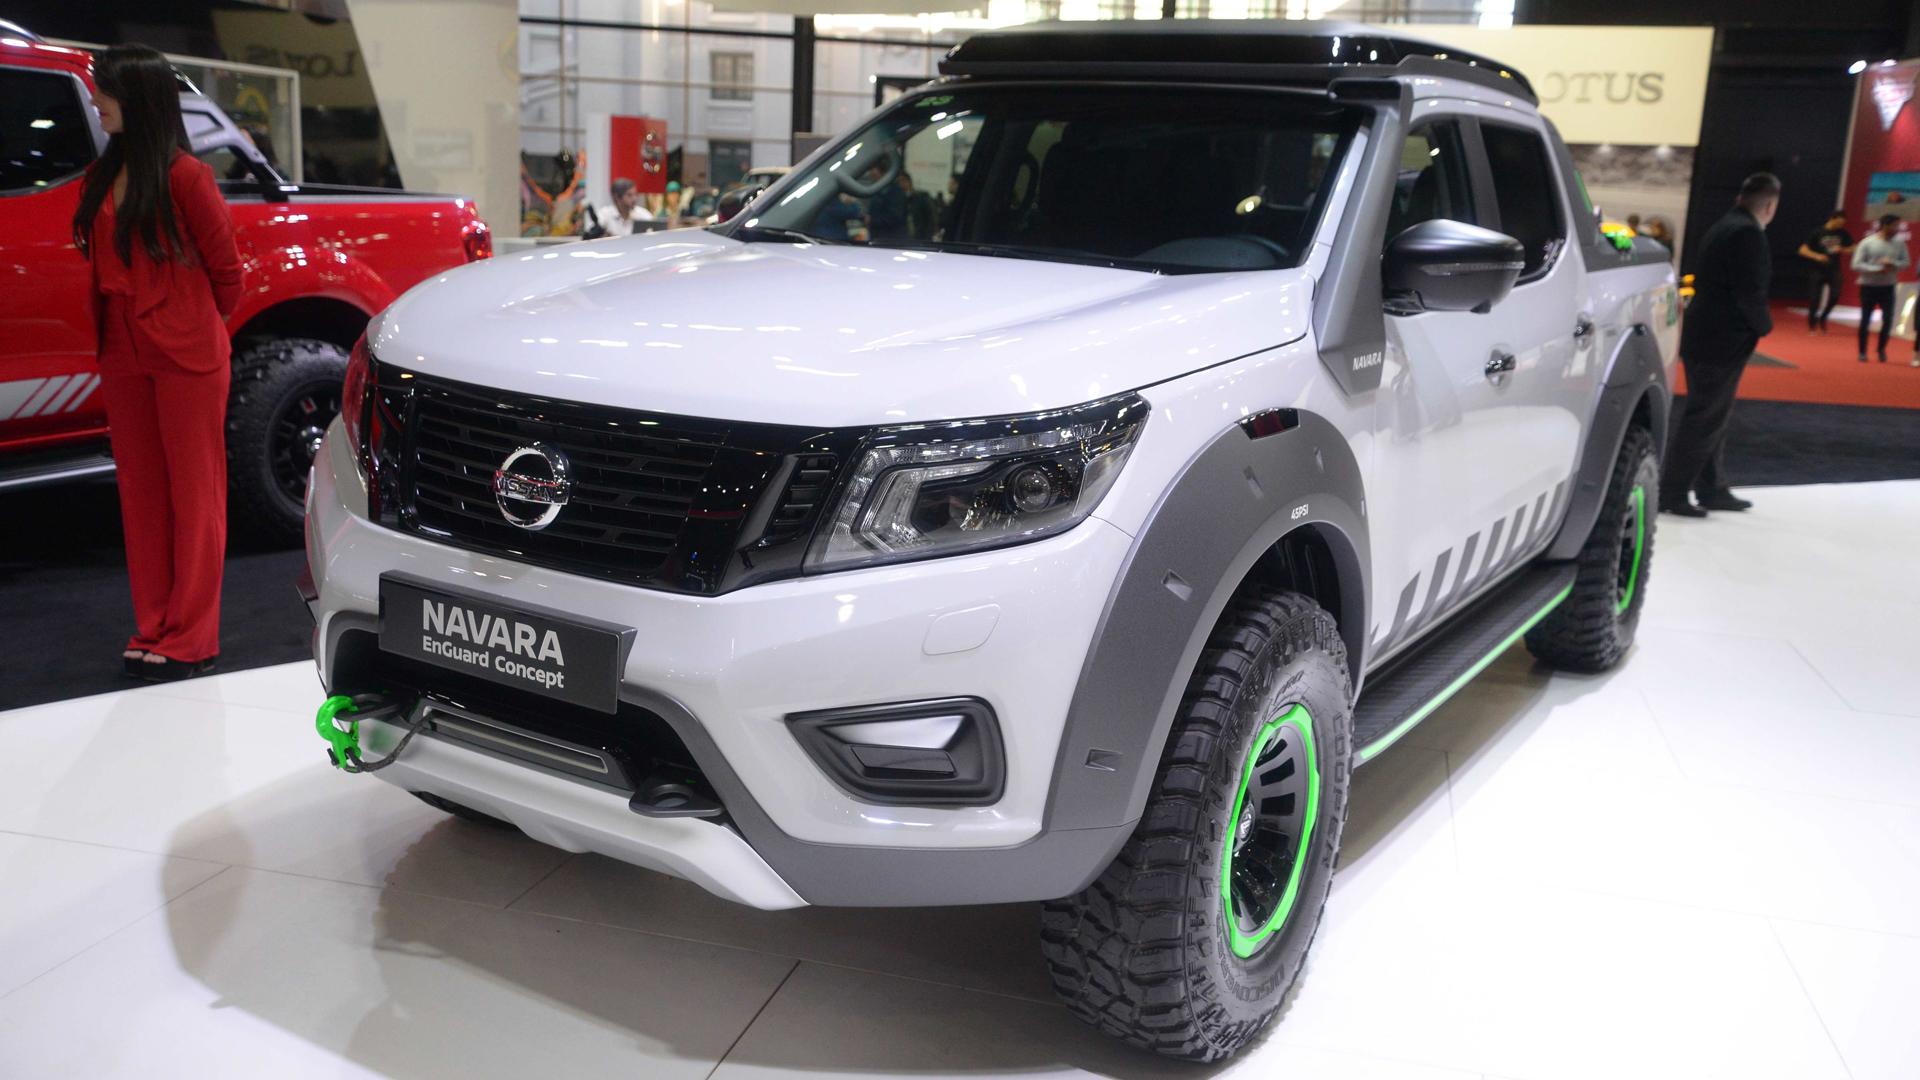 Nissan Enguard Concept. Este nuevo vehículo todoterreno está basado en la arquitectura devla popular pick- up Nissan NP300 Frontier y está diseñado para las condiciones más extremas. Se trata de un vehículo eléctrico de rescate para apoyar en misiones de emergencia